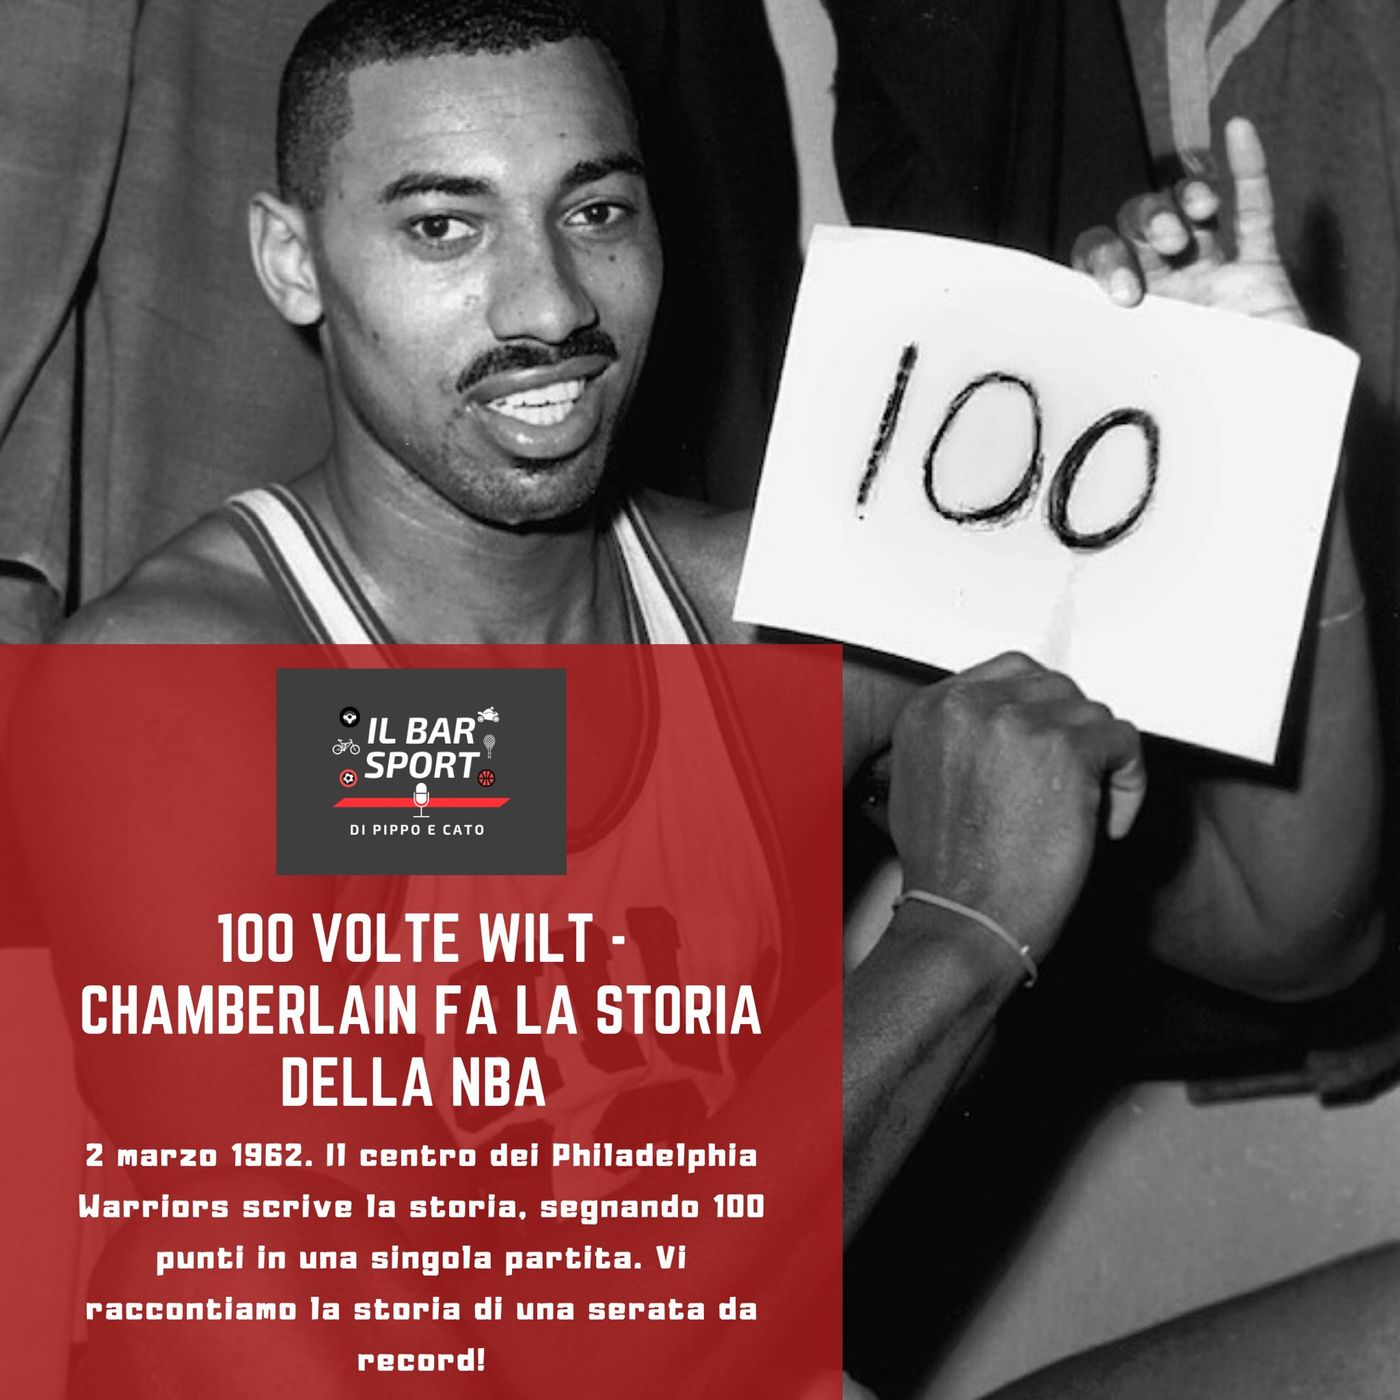 100 volte Wilt - Chamberlain fa la storia della Nba